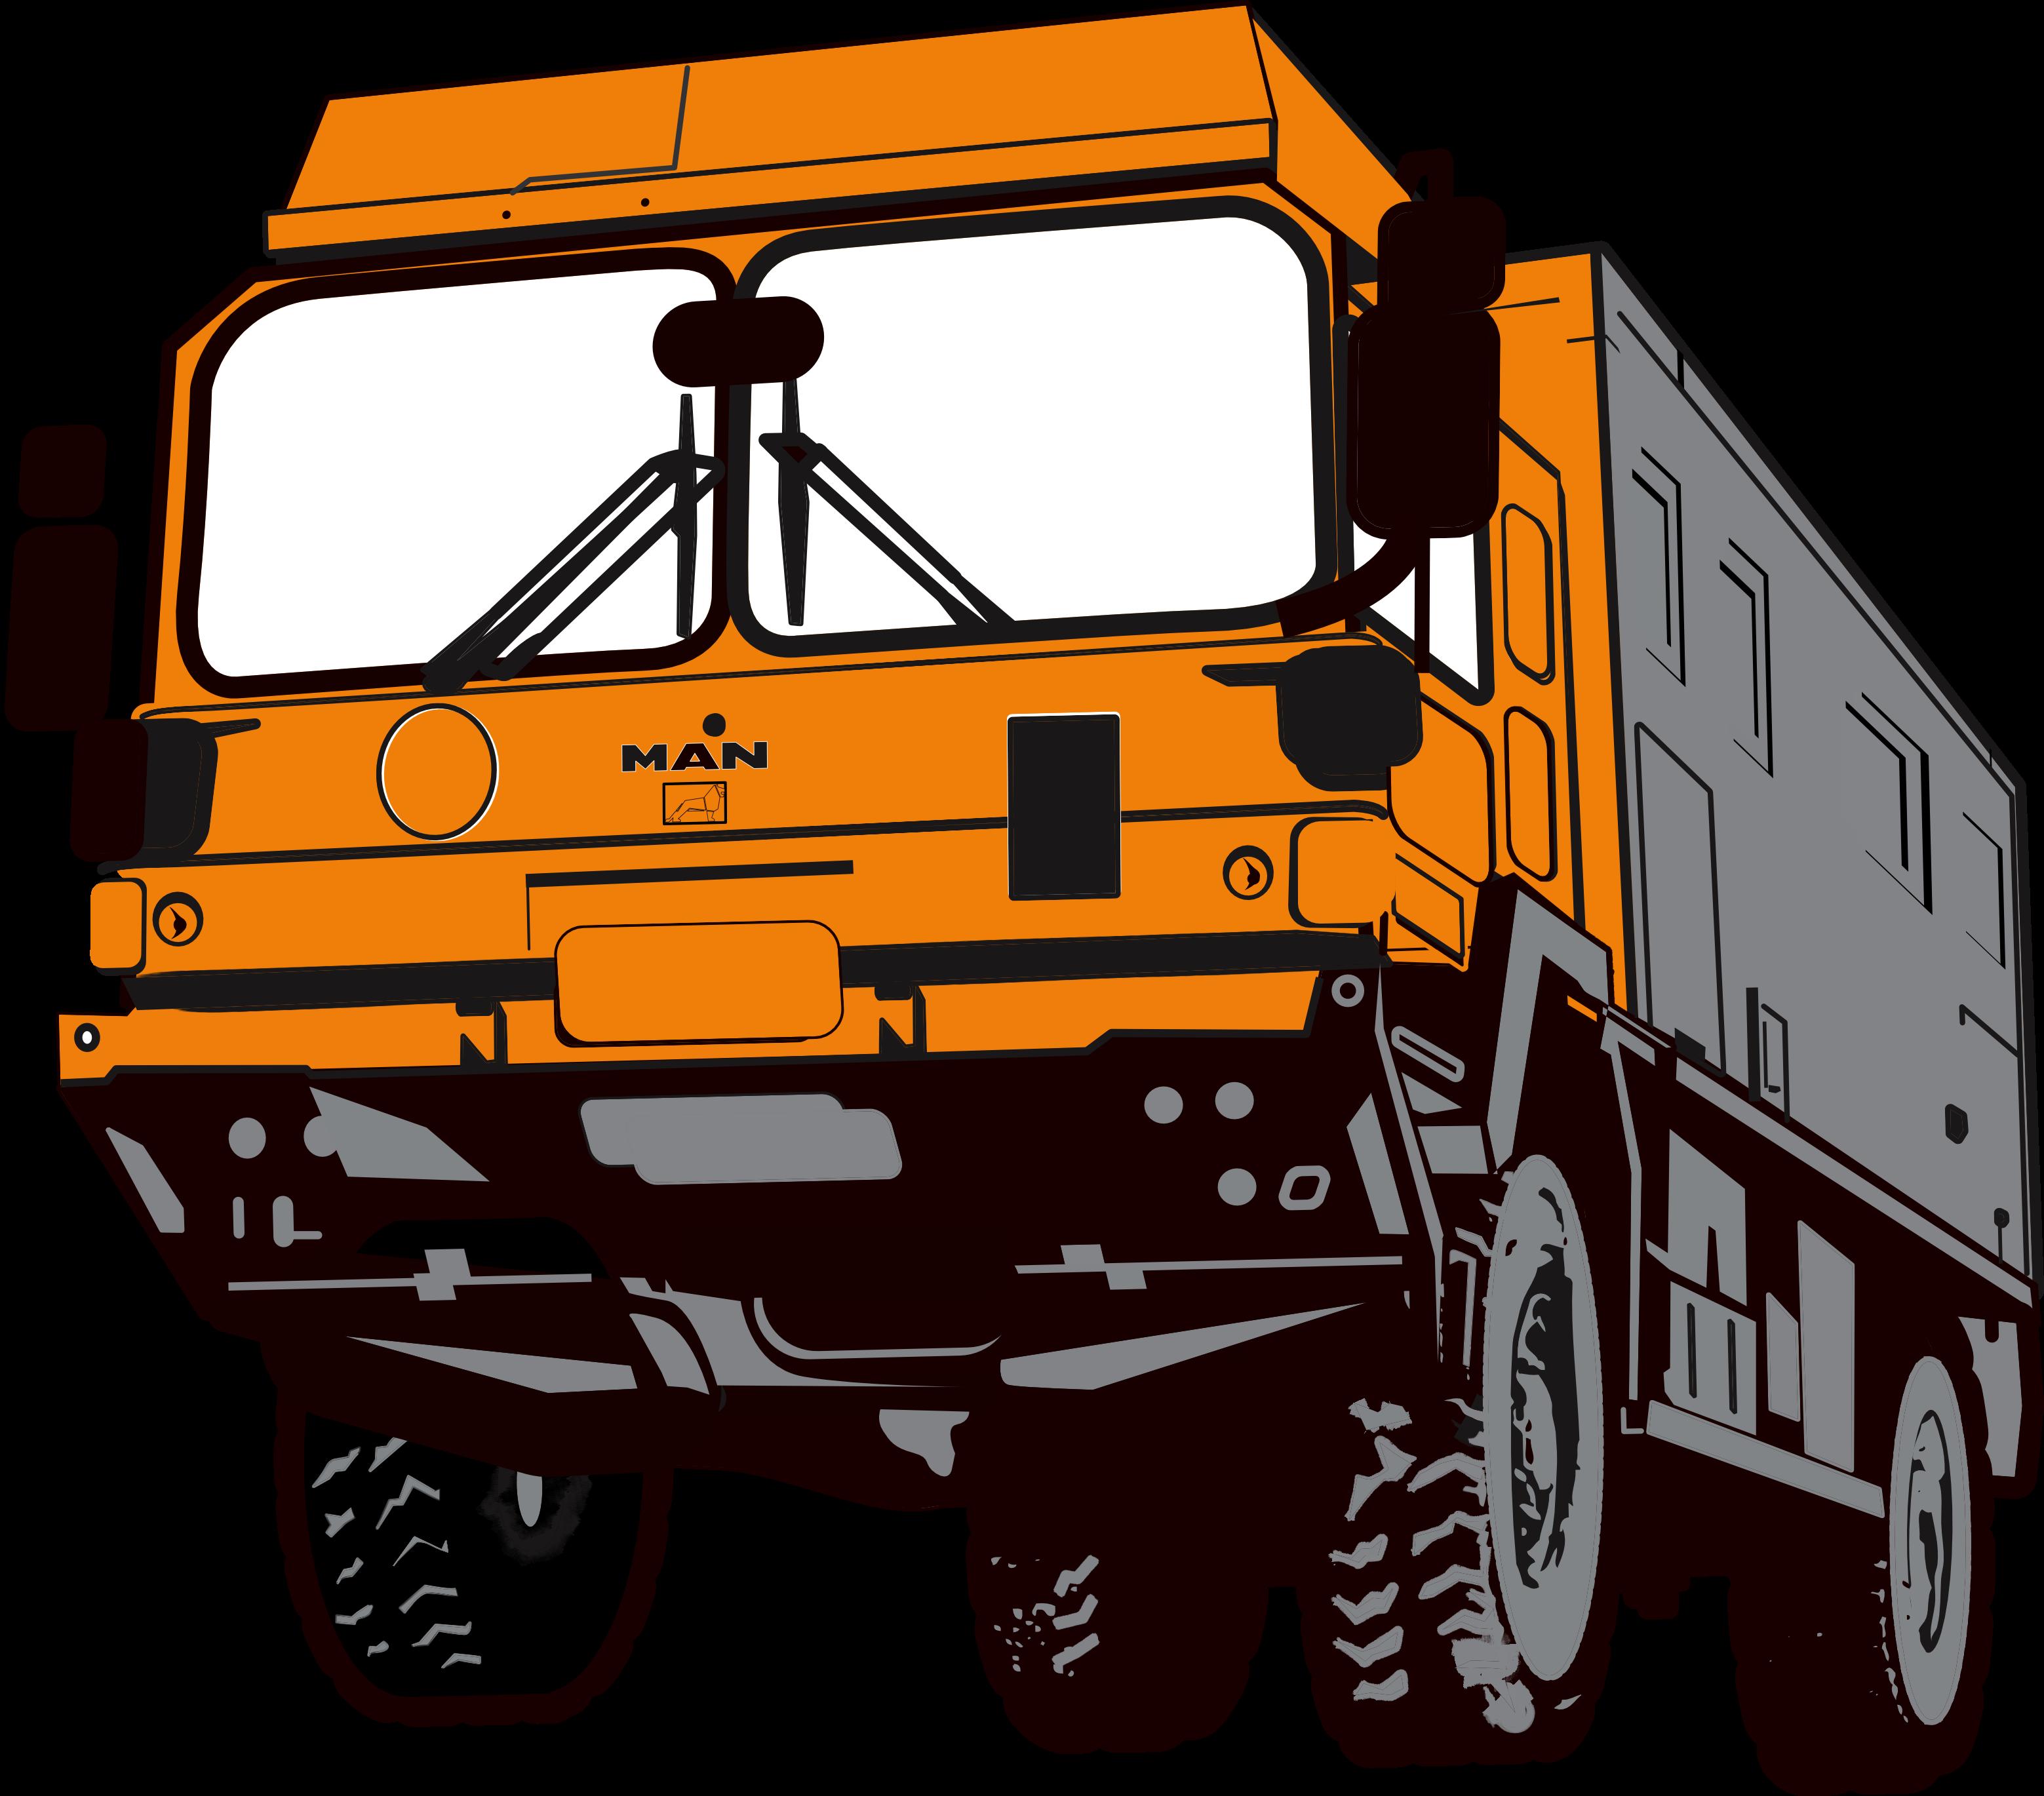 Project Overlander - Rosie MAN truck